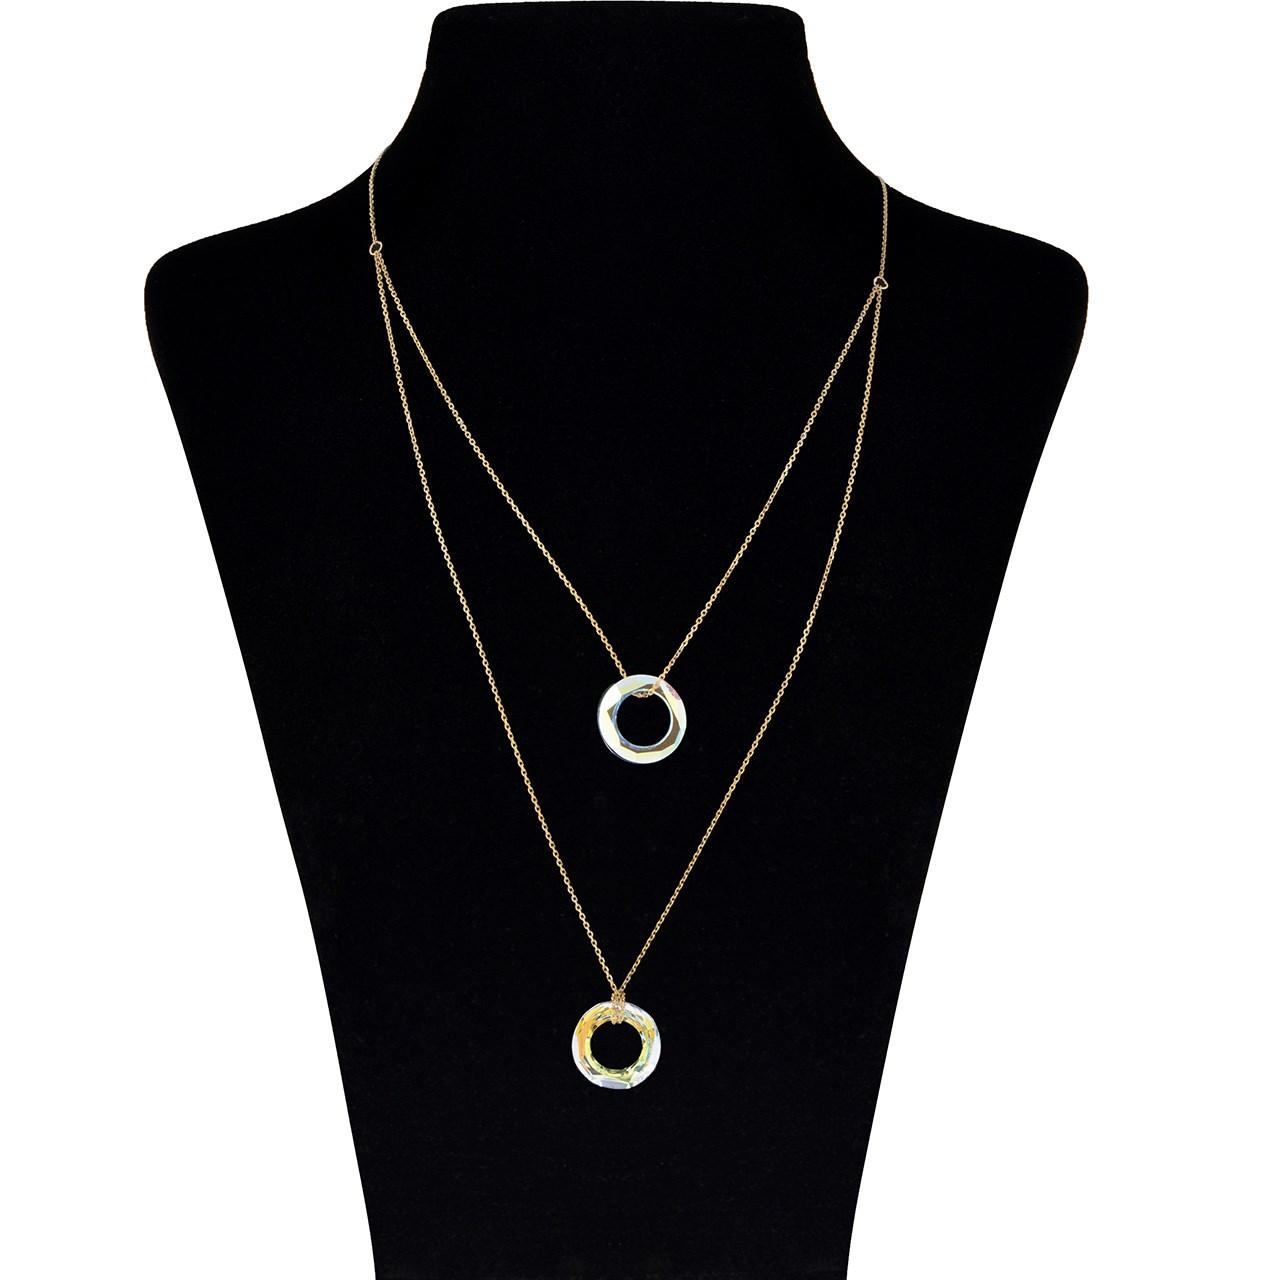 قیمت گردنبند طلا 18 عیار ماهک مدل MM0790 - مایا ماهک